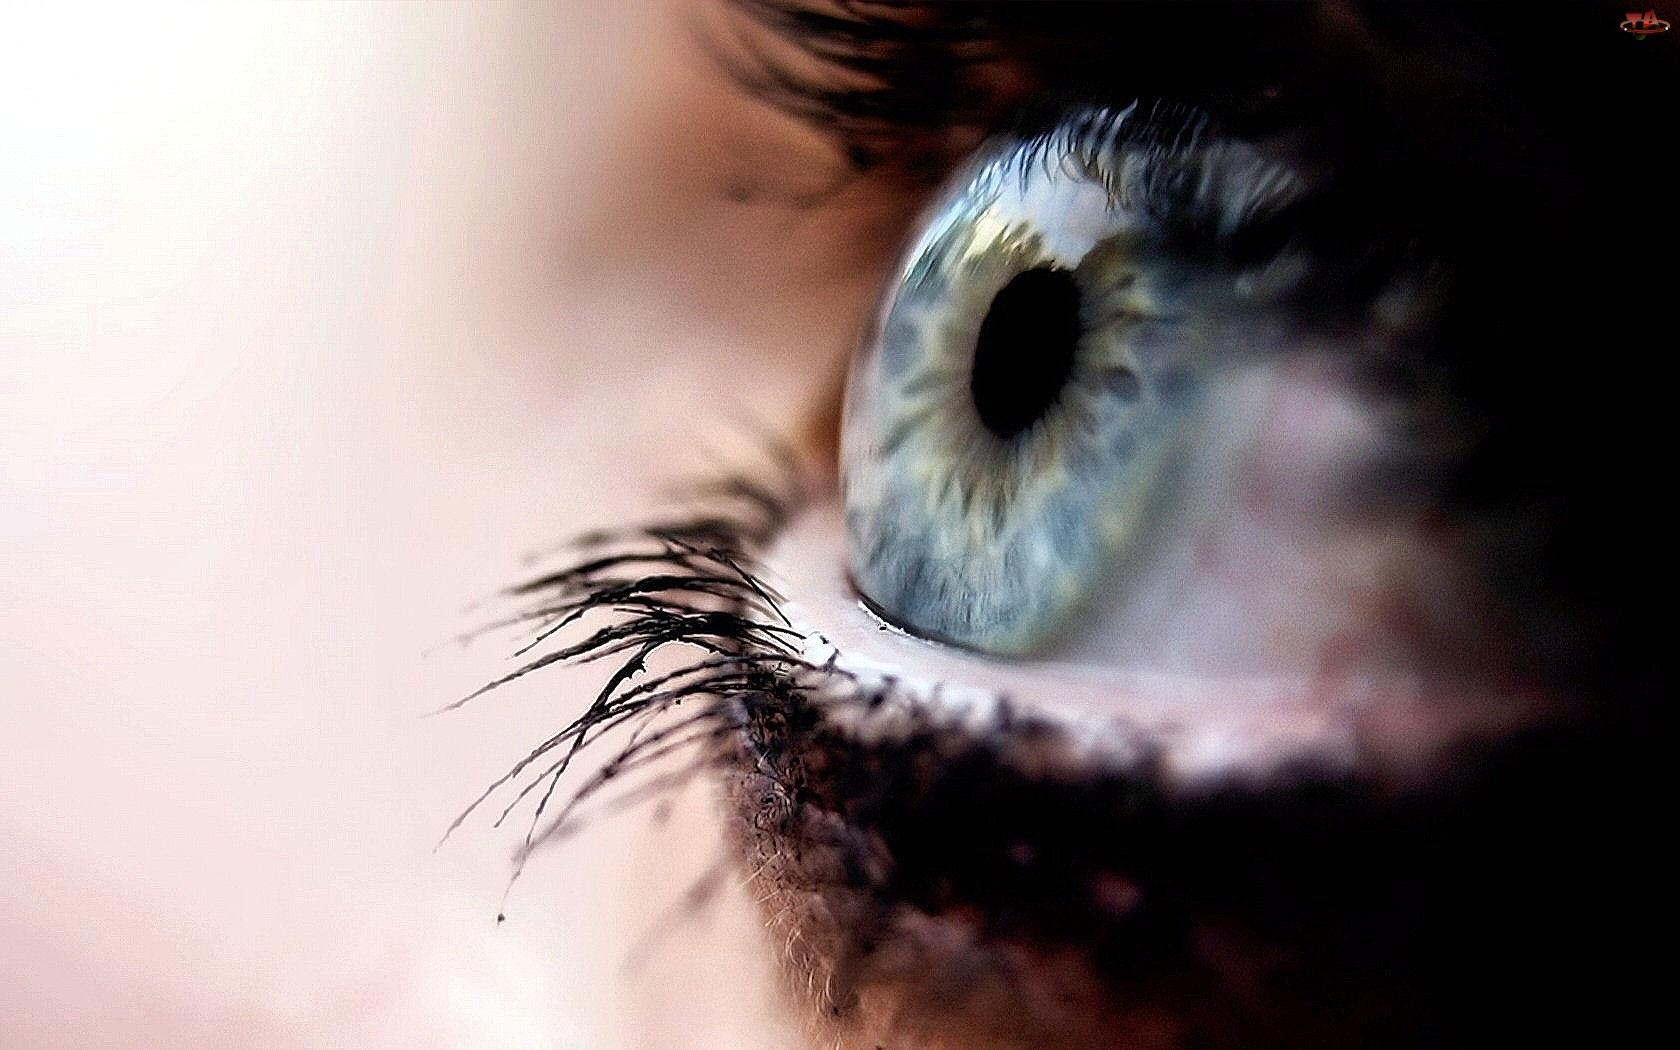 Oko, Rzęsy